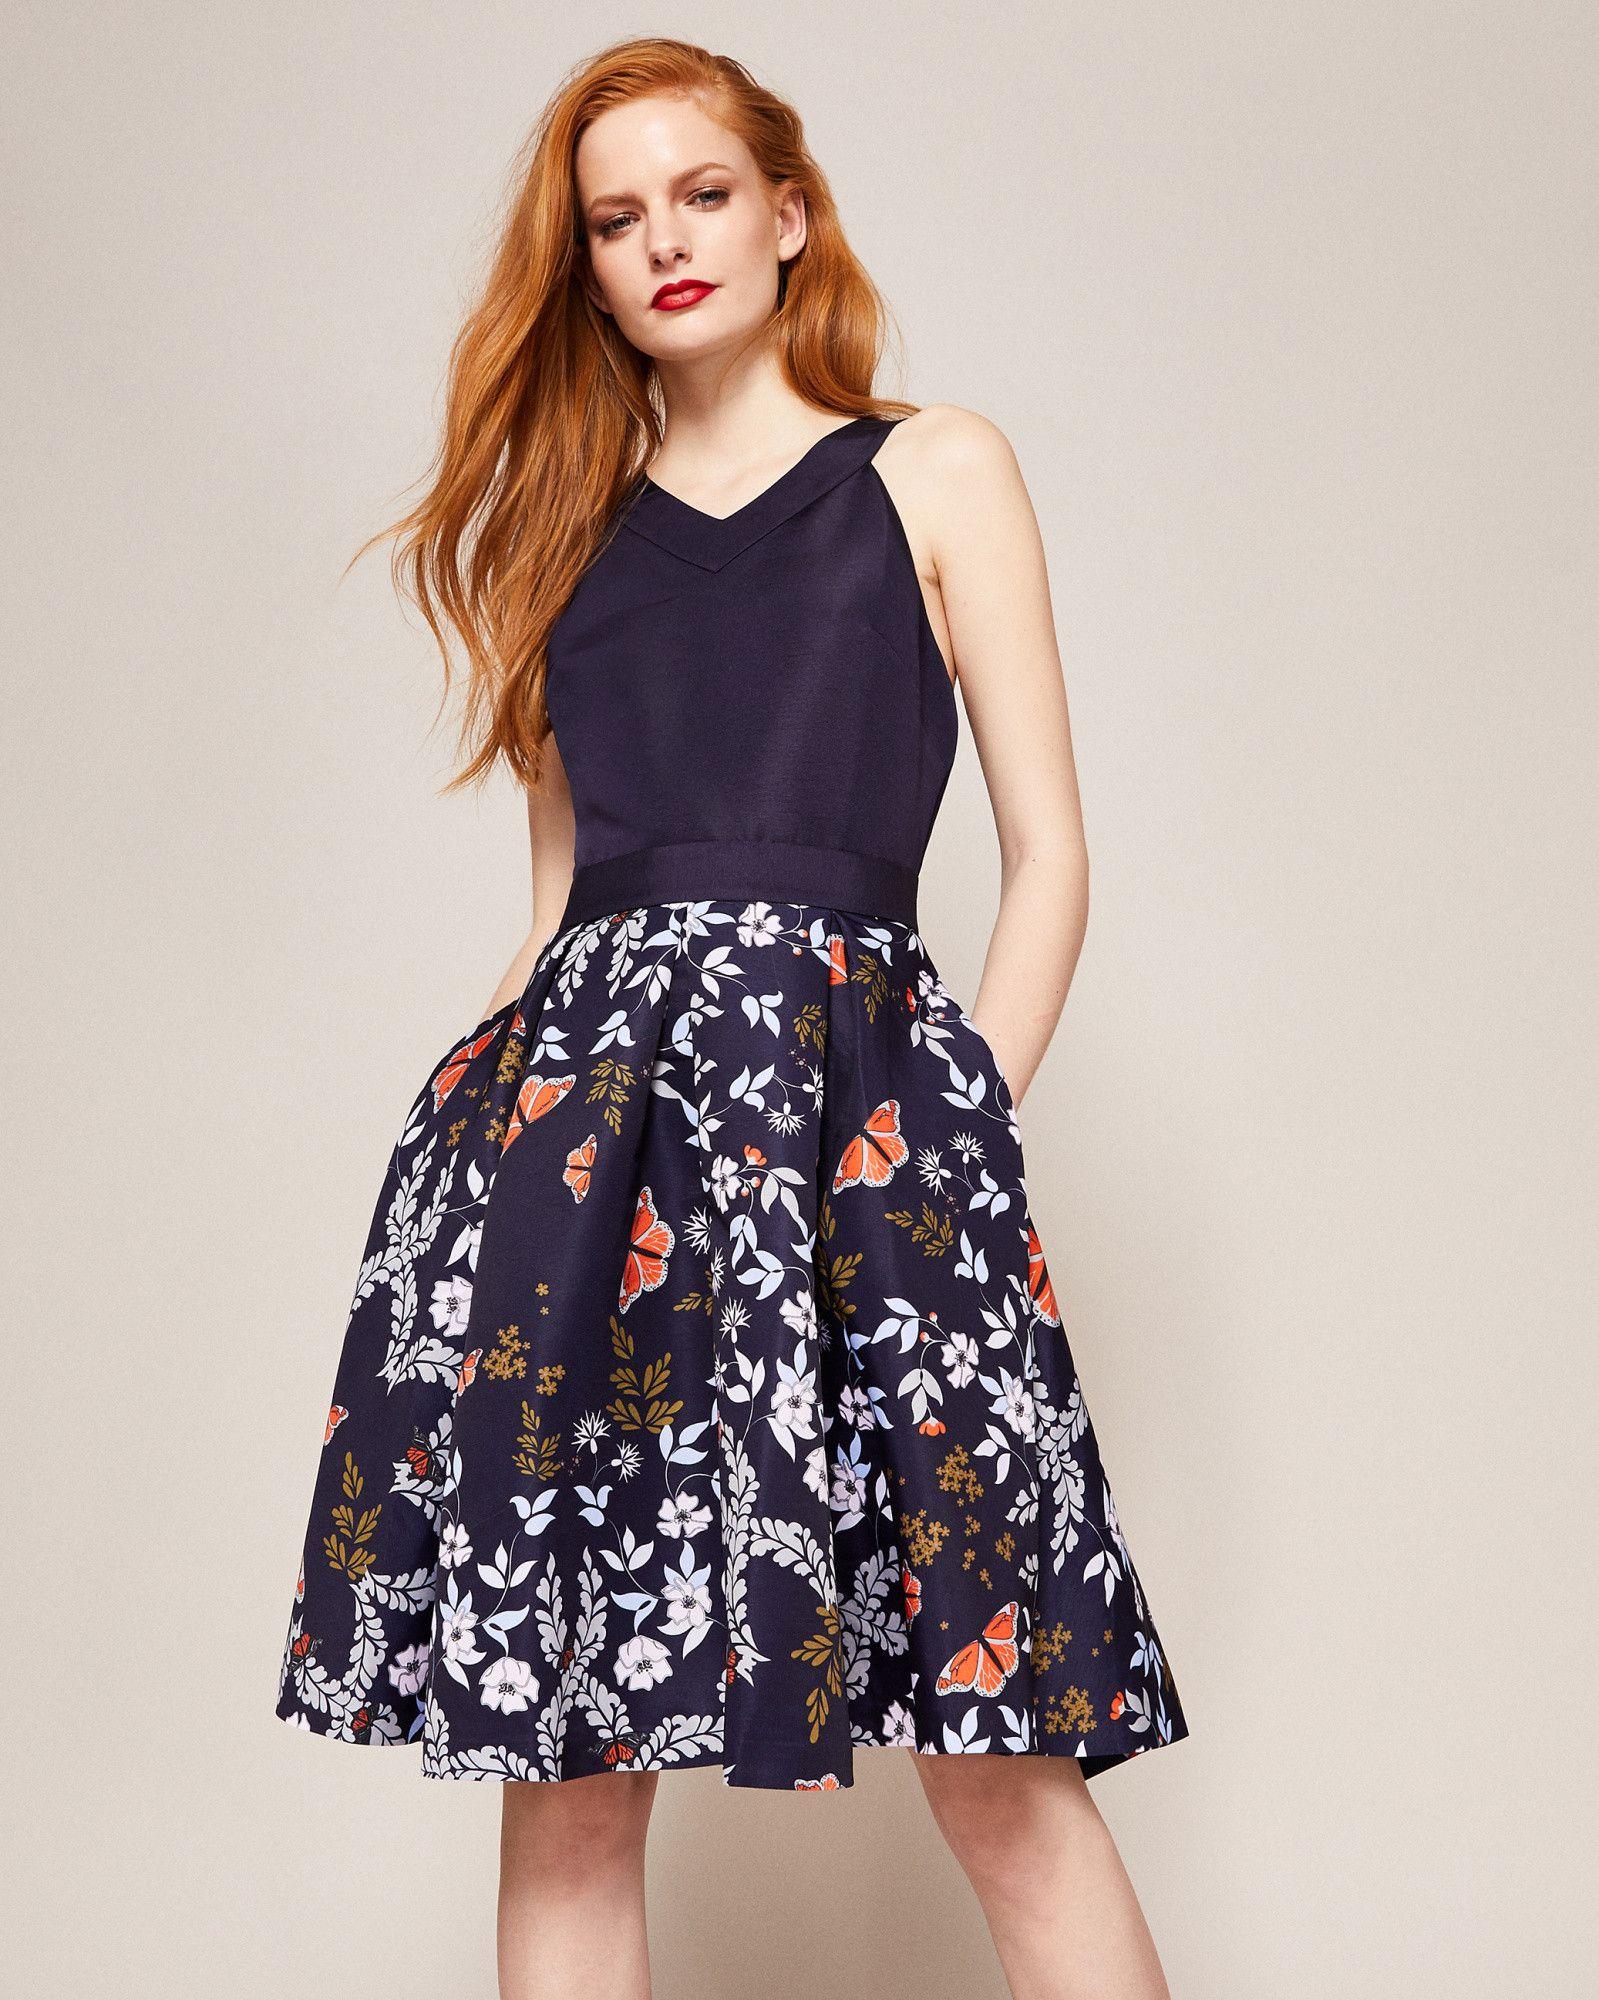 6c659d837 Ted Baker Kyoto Gardens full skirt dress Navy